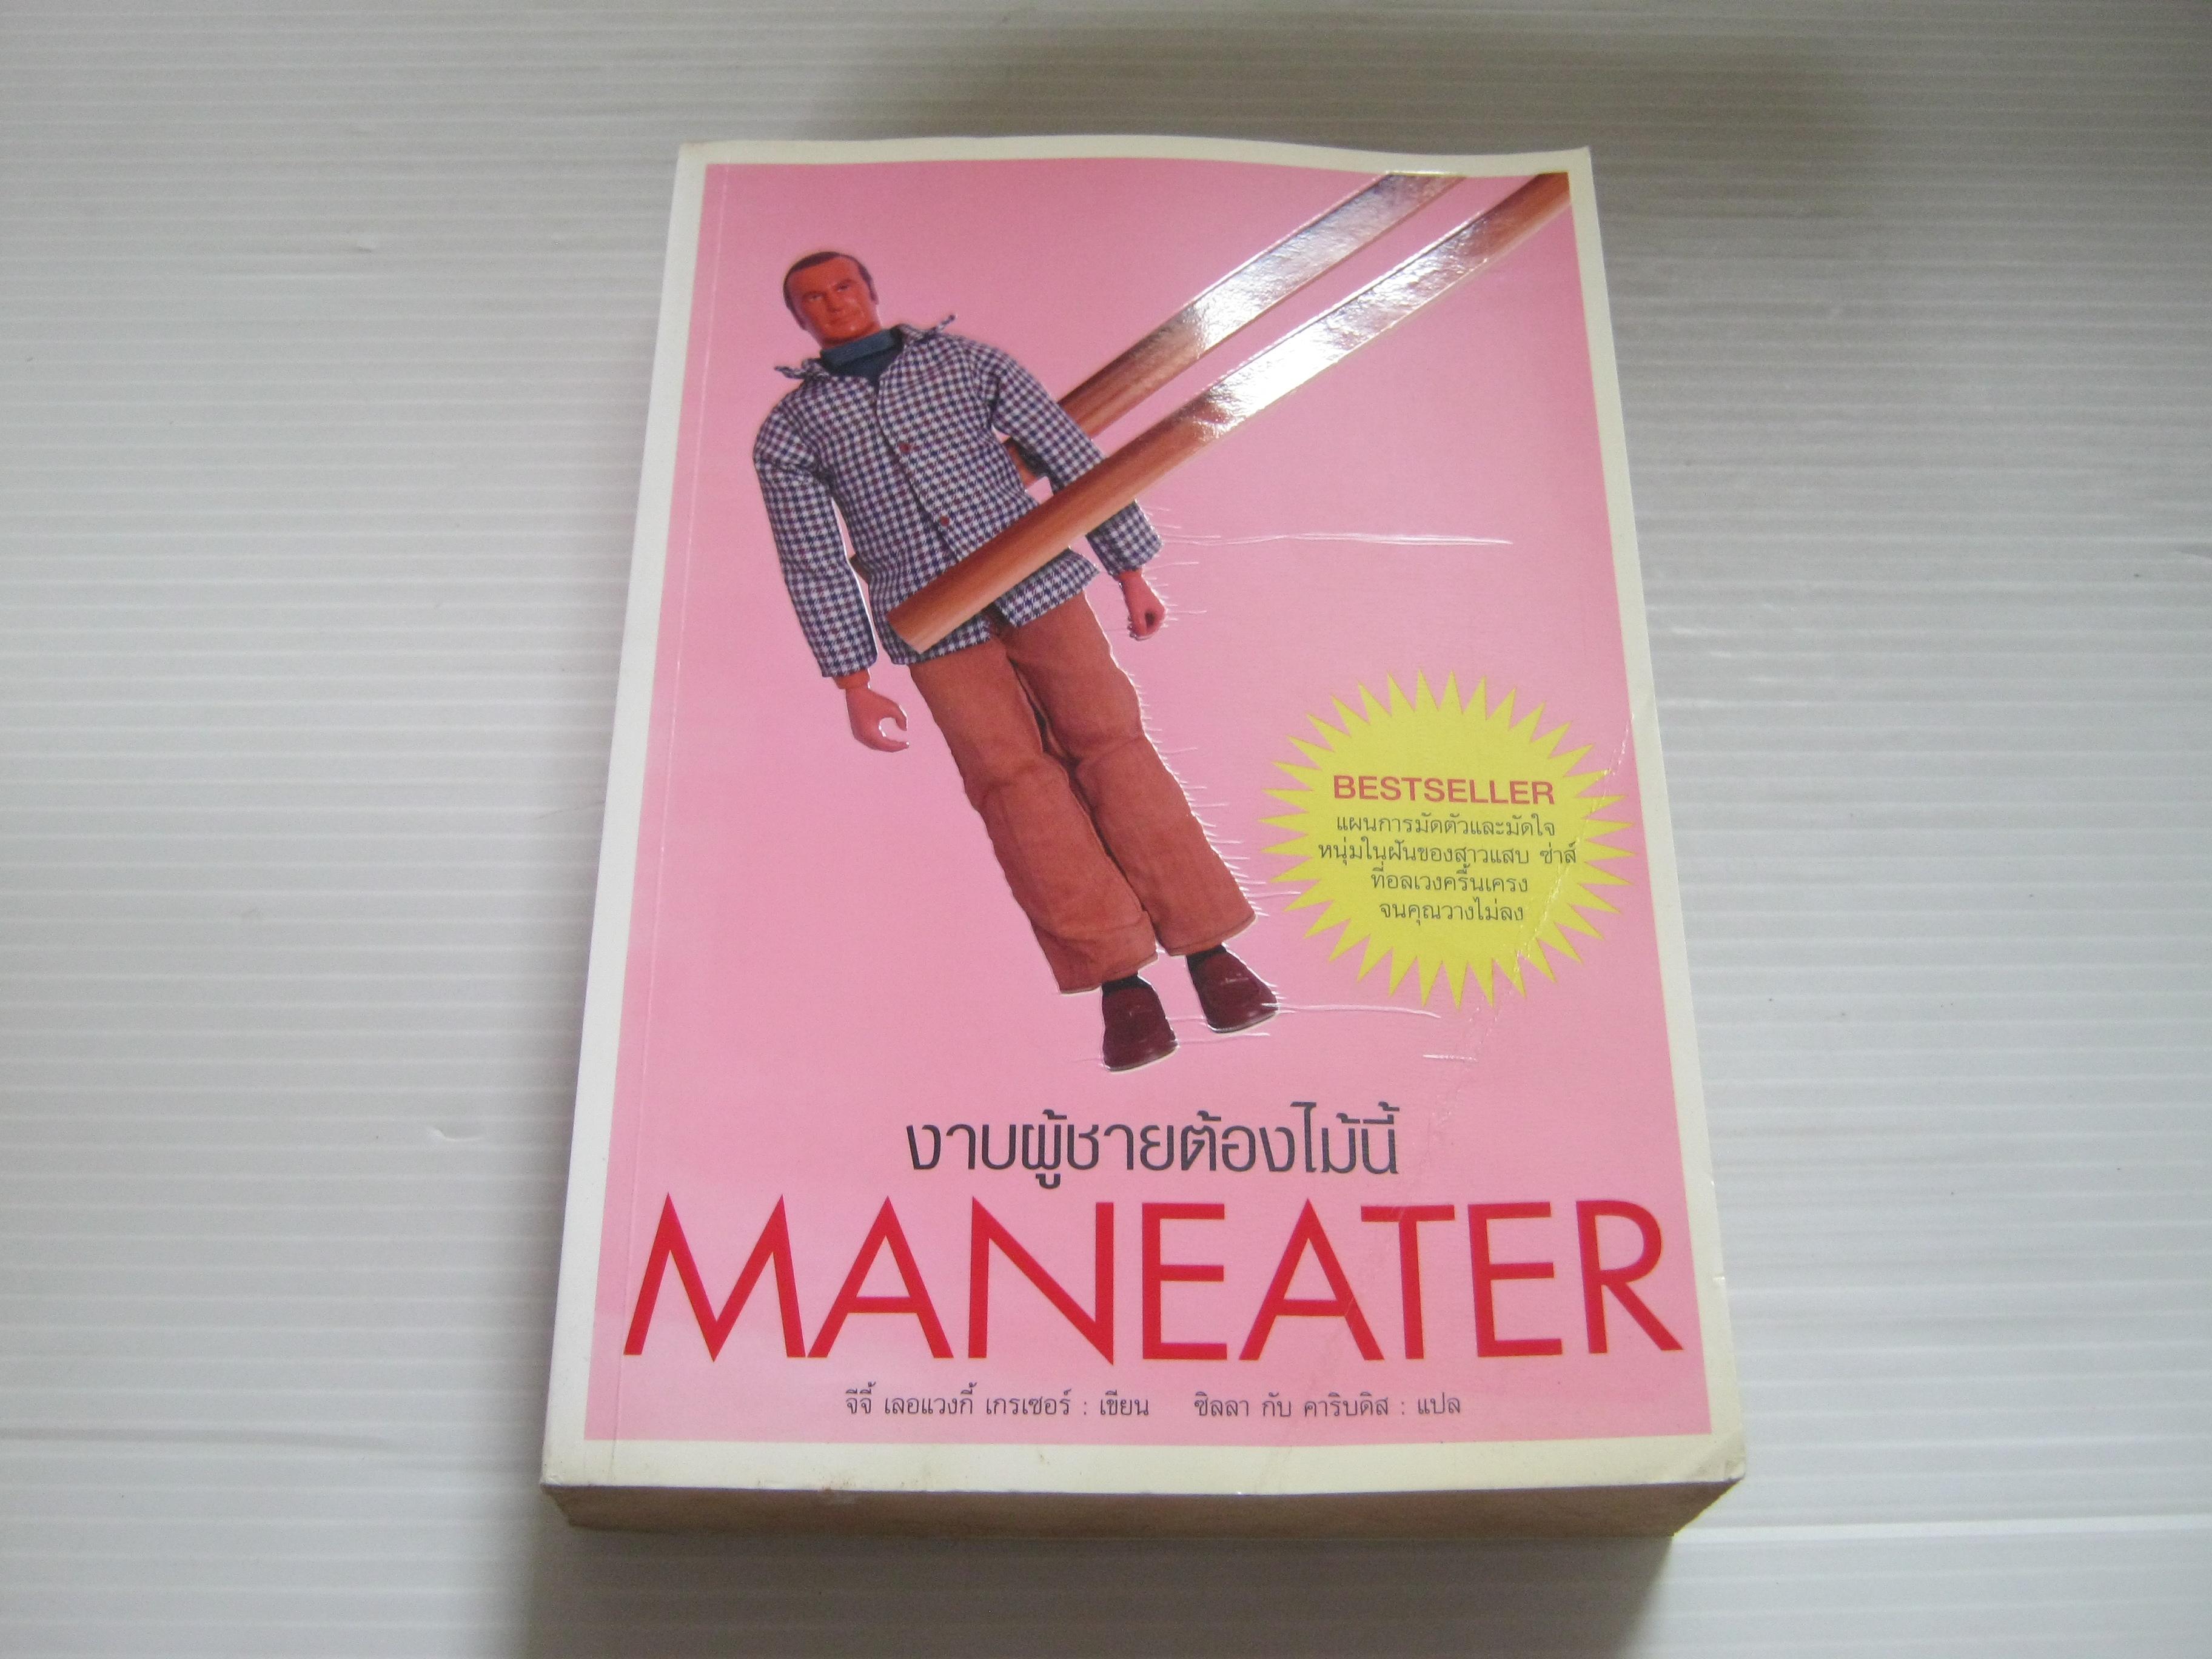 งาบผู้ชายต้องไม้นี้ (Maneater) จีจี้ เลอแวงกี้ เกรเซอร์ เขียน ชิลลาและคาริบดิส แปล